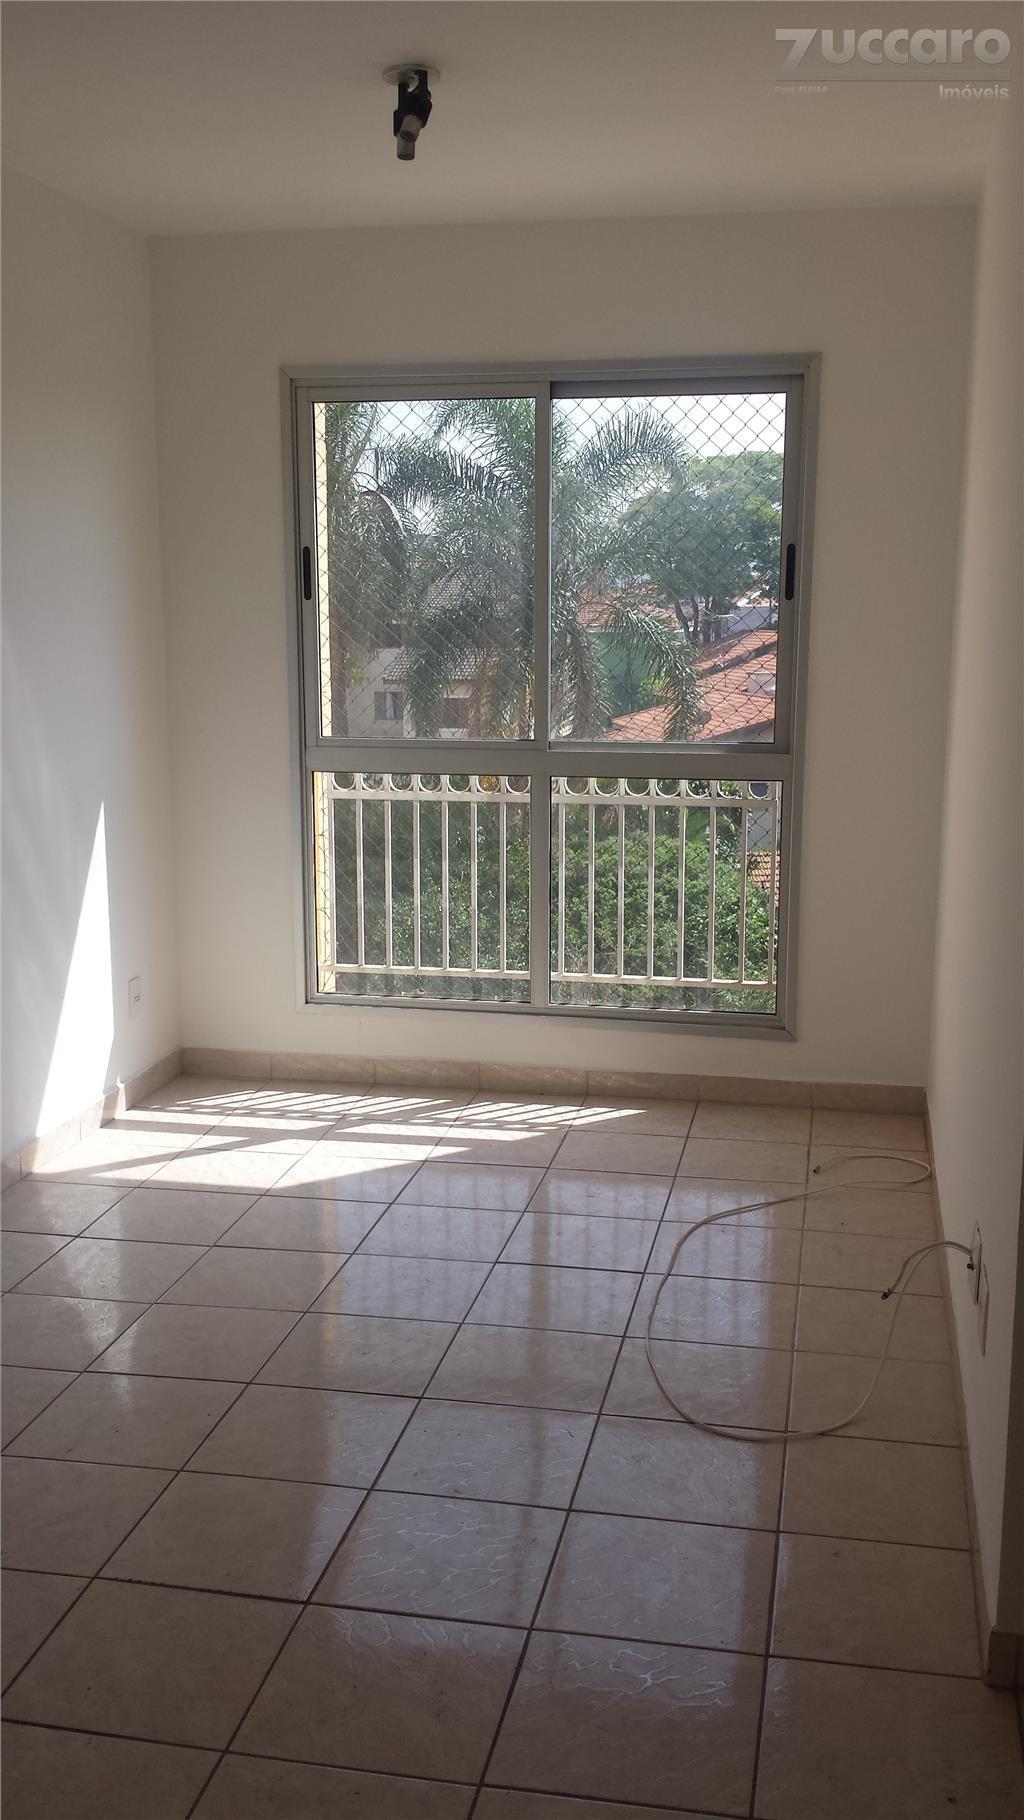 Apartamento Residencial à venda, Jardim Oliveira II, Guarulhos - AP1564.